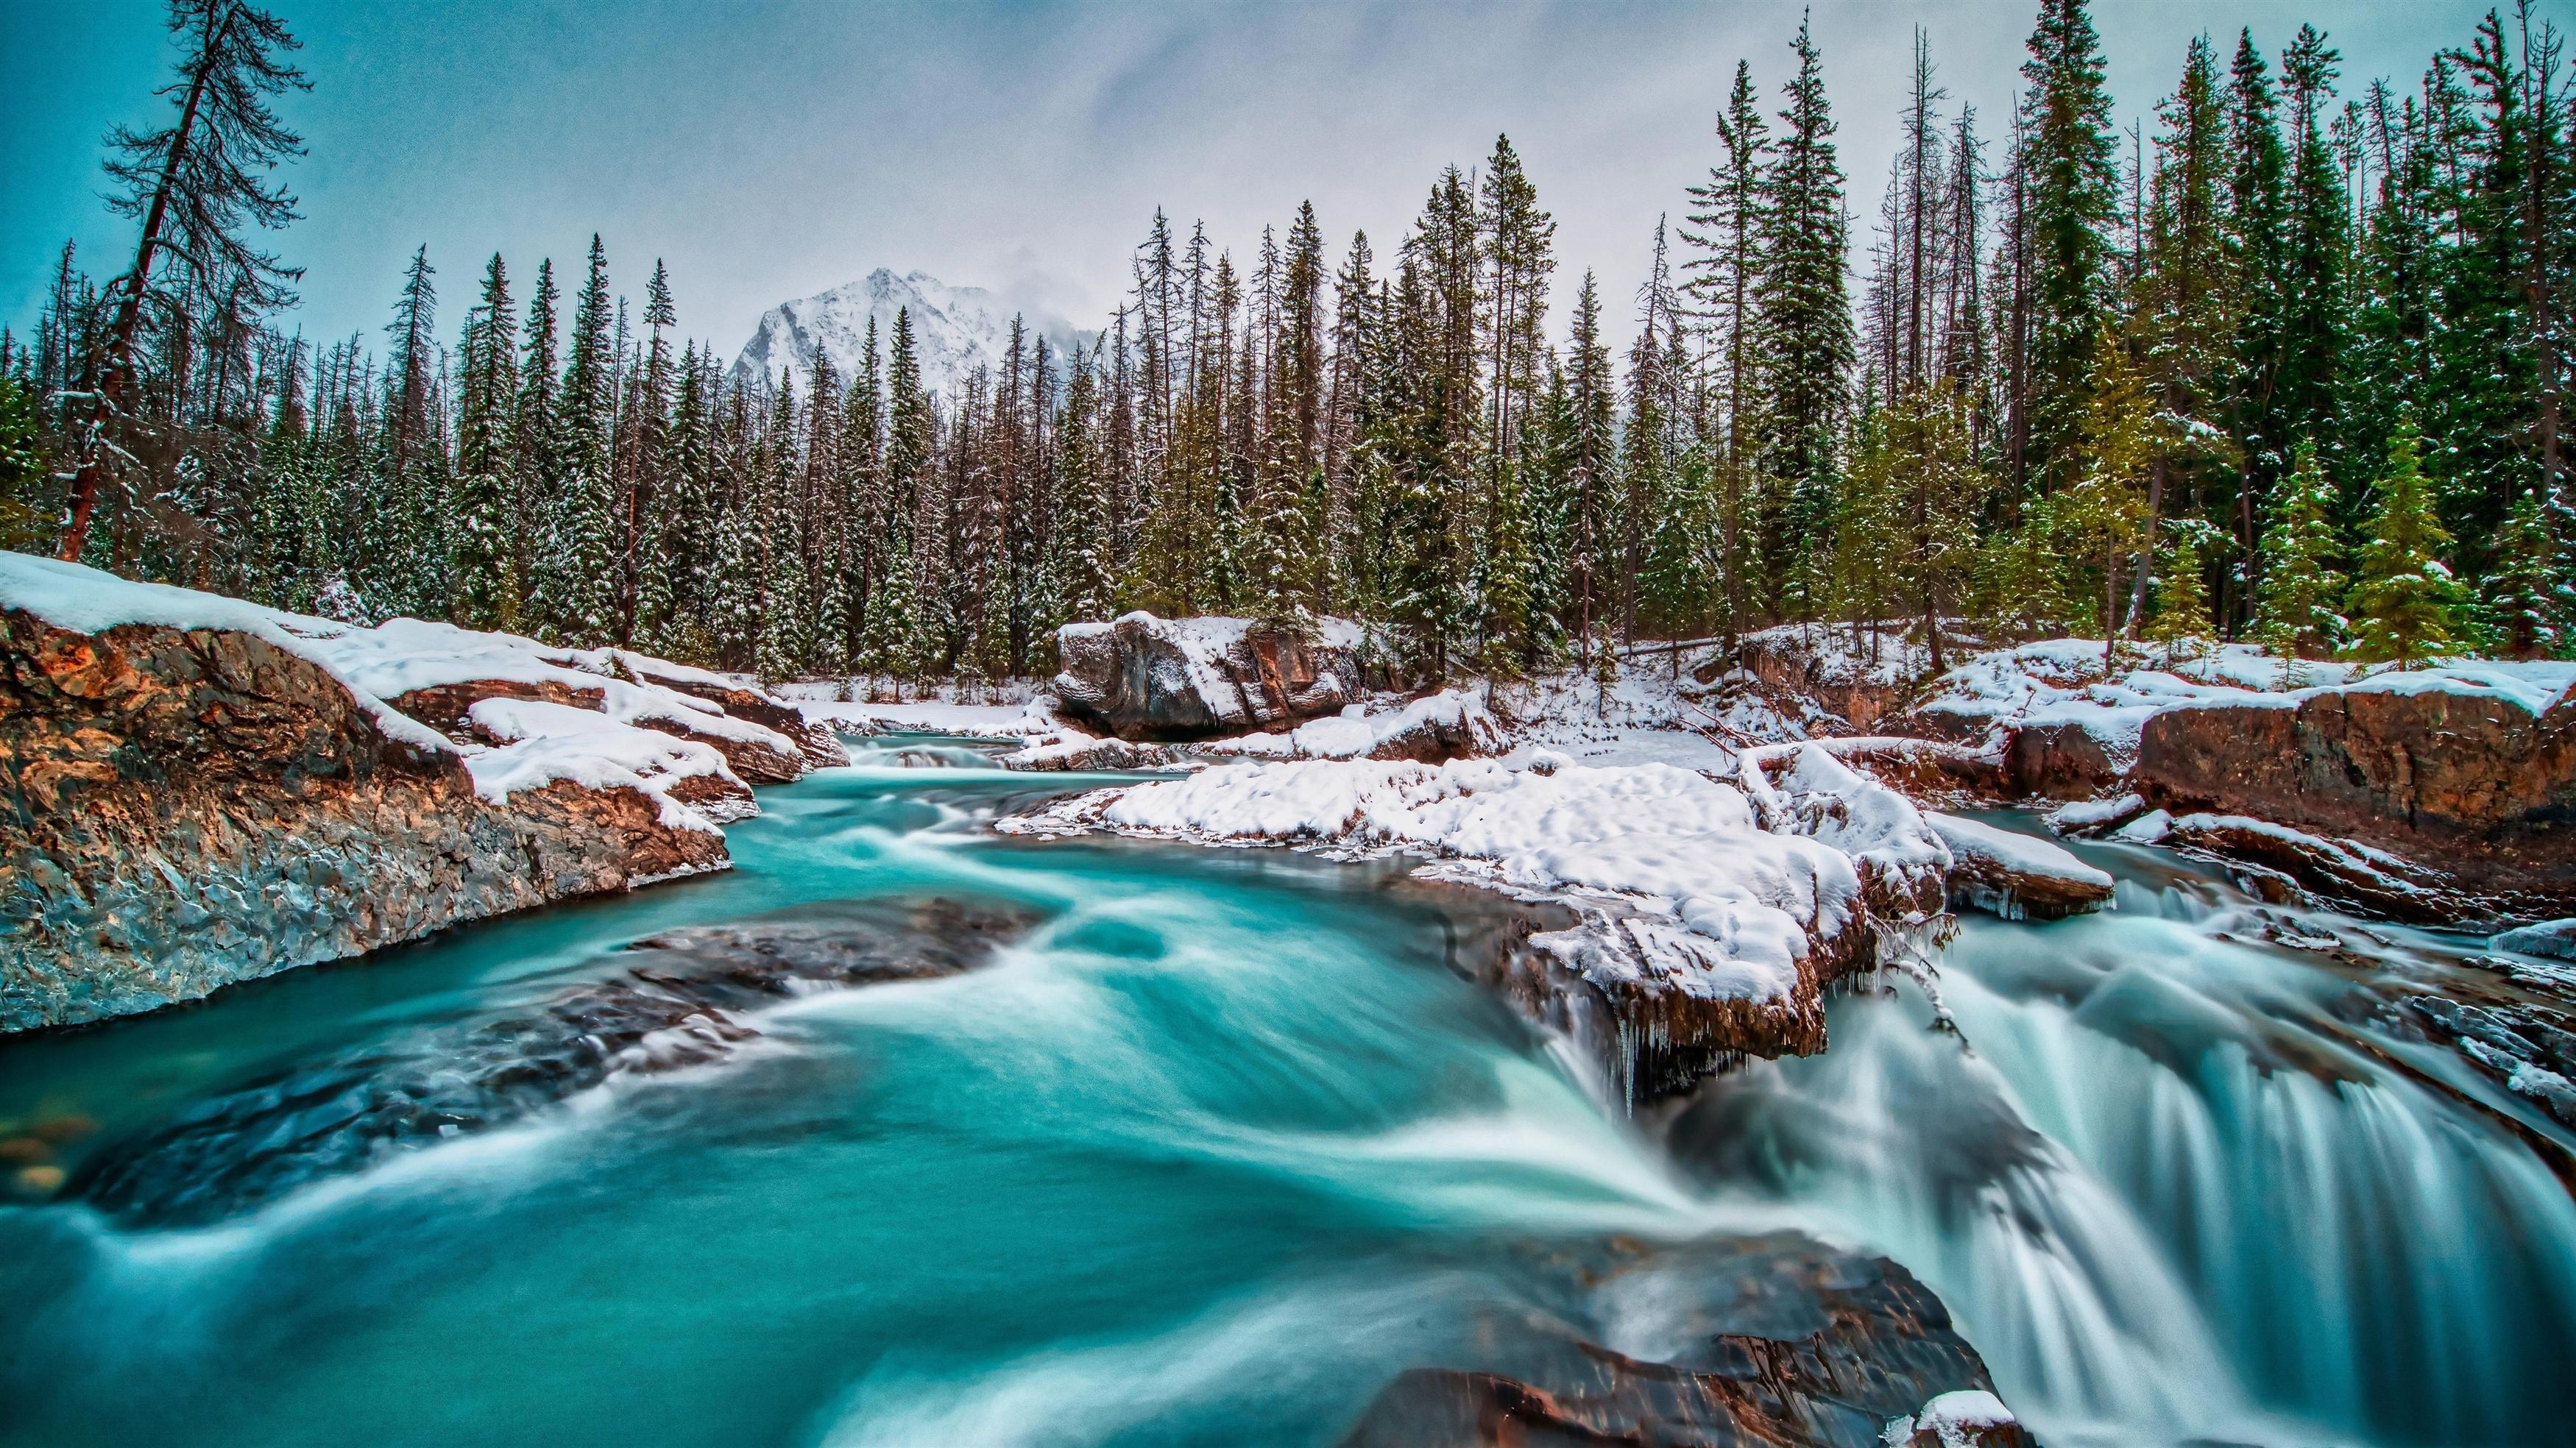 Национальный парк Йохо Британская Колумбия Канада река во время зимней природы обои скачать